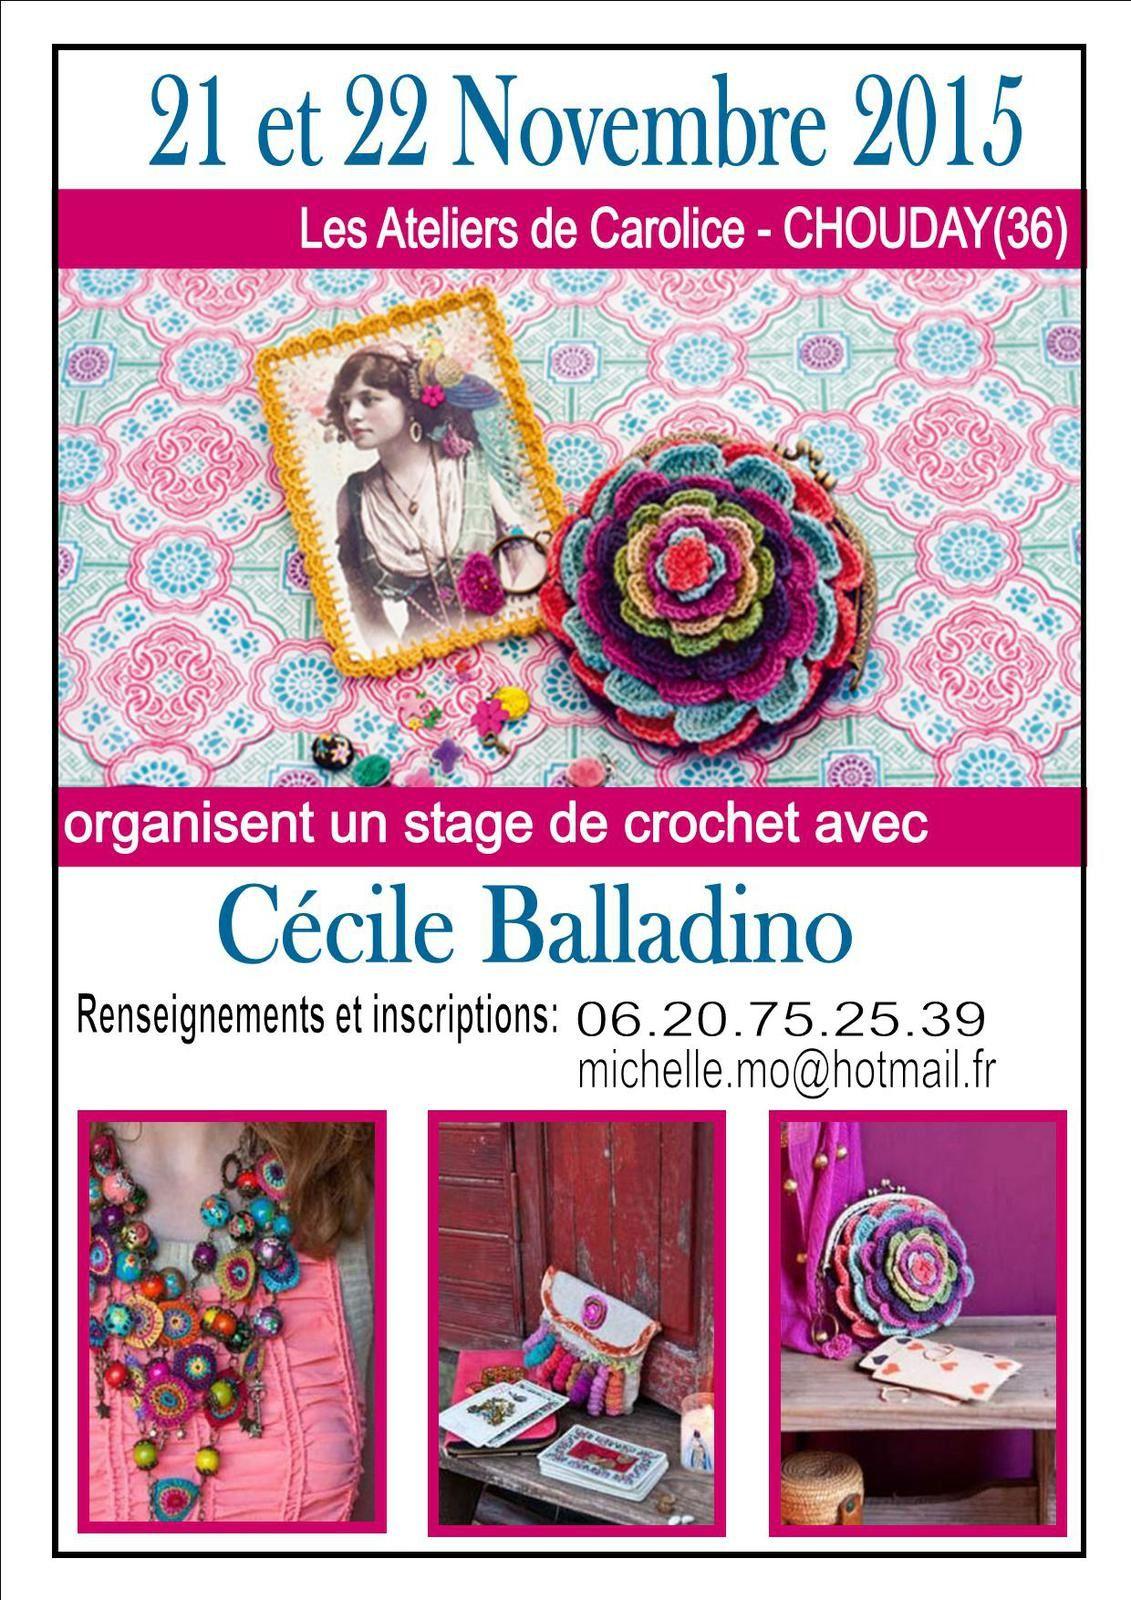 Mais aussi un stage de crochet avec Cécile Balladino